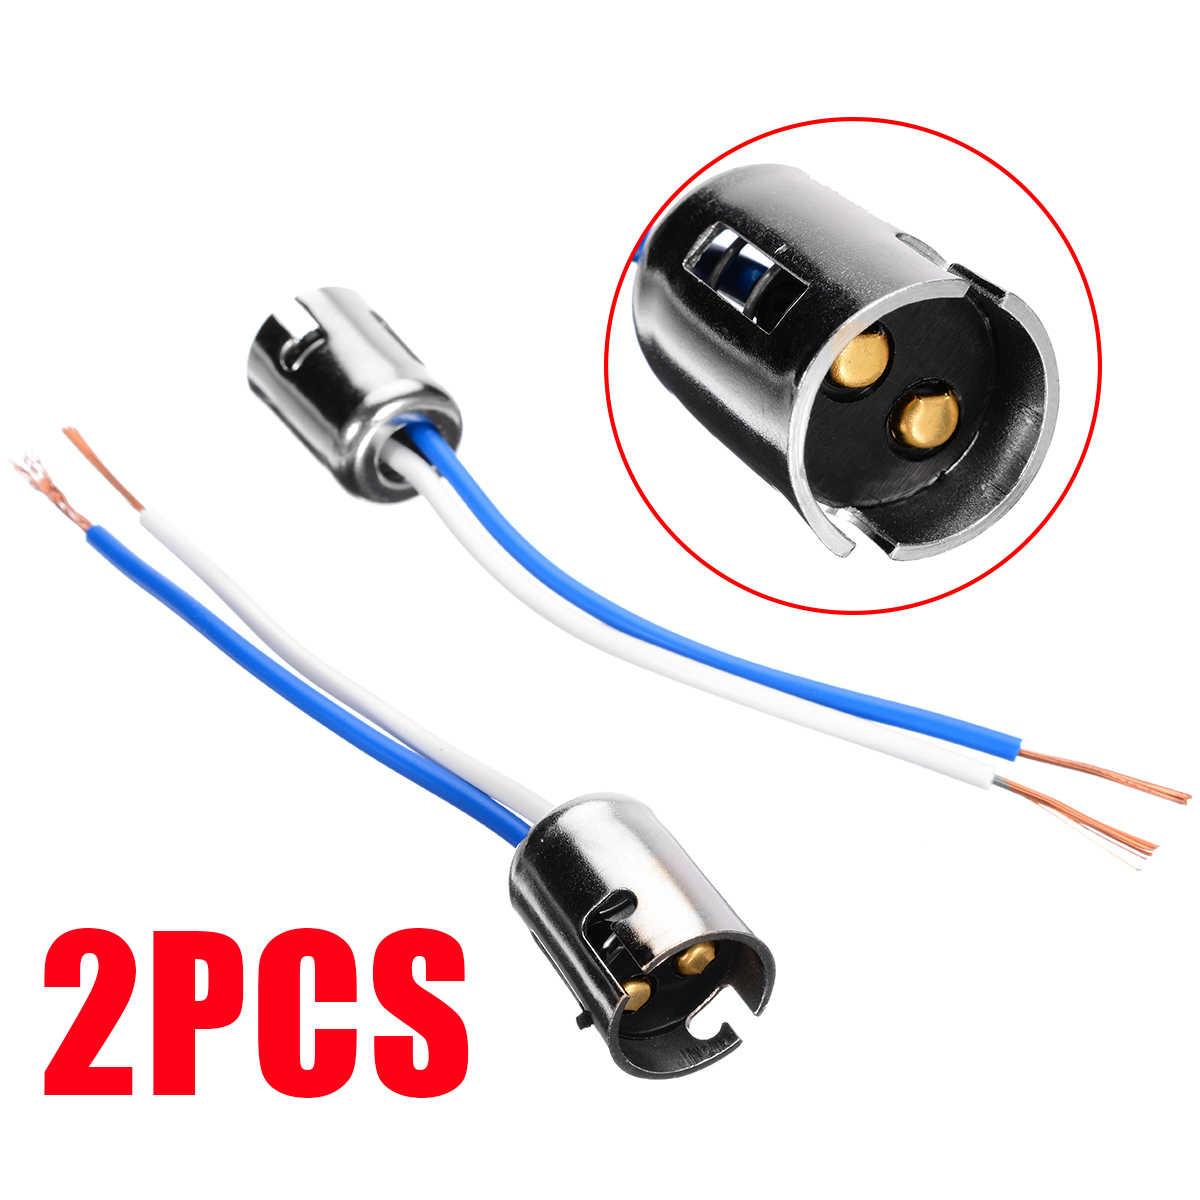 רכב אלקטרוניקה חלקי 2pcs Bay15d 1157 הנורה שקע מחבר כידון רכב זנב בלם הנורה הארכת חוט לרתום שקע